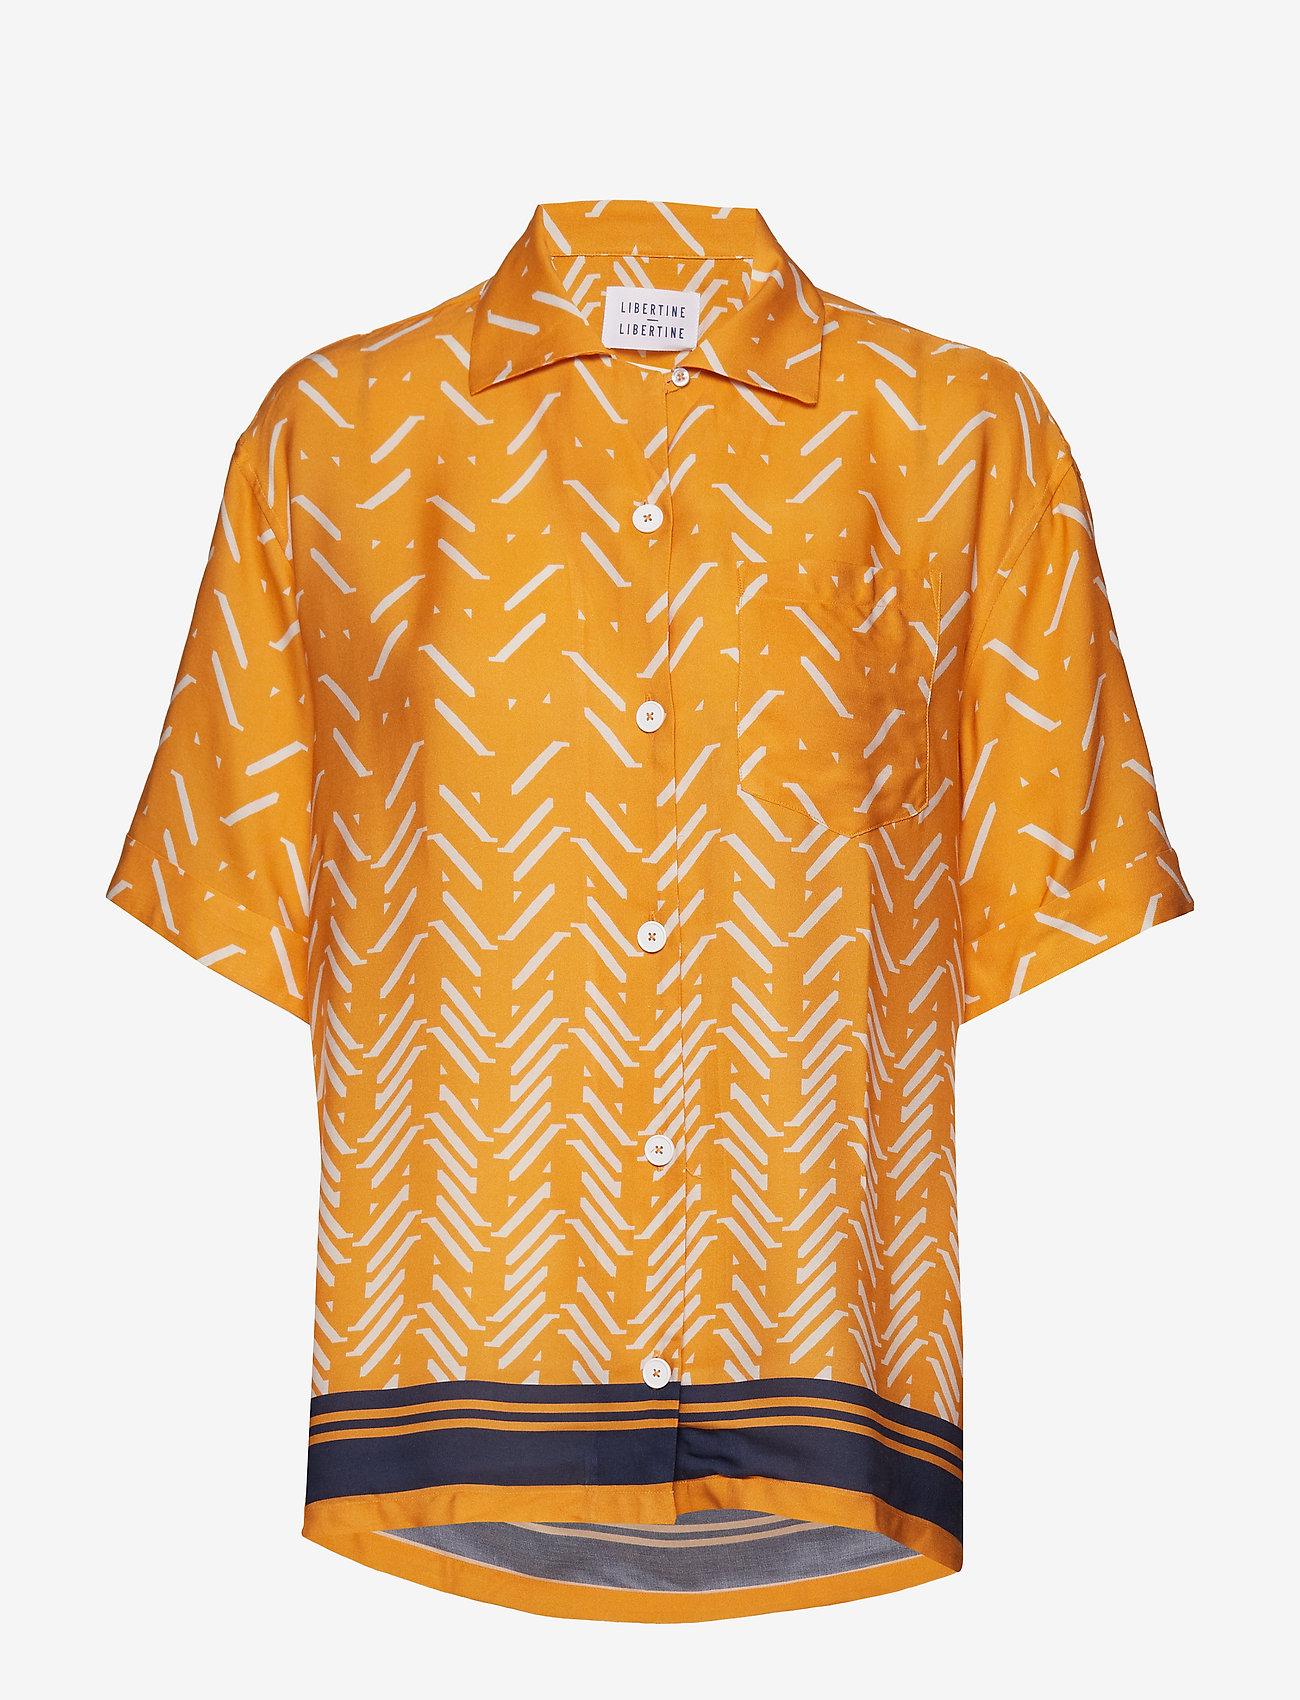 Libertine Libertine Skjorter | Herre | Kjøp klær på nett hos